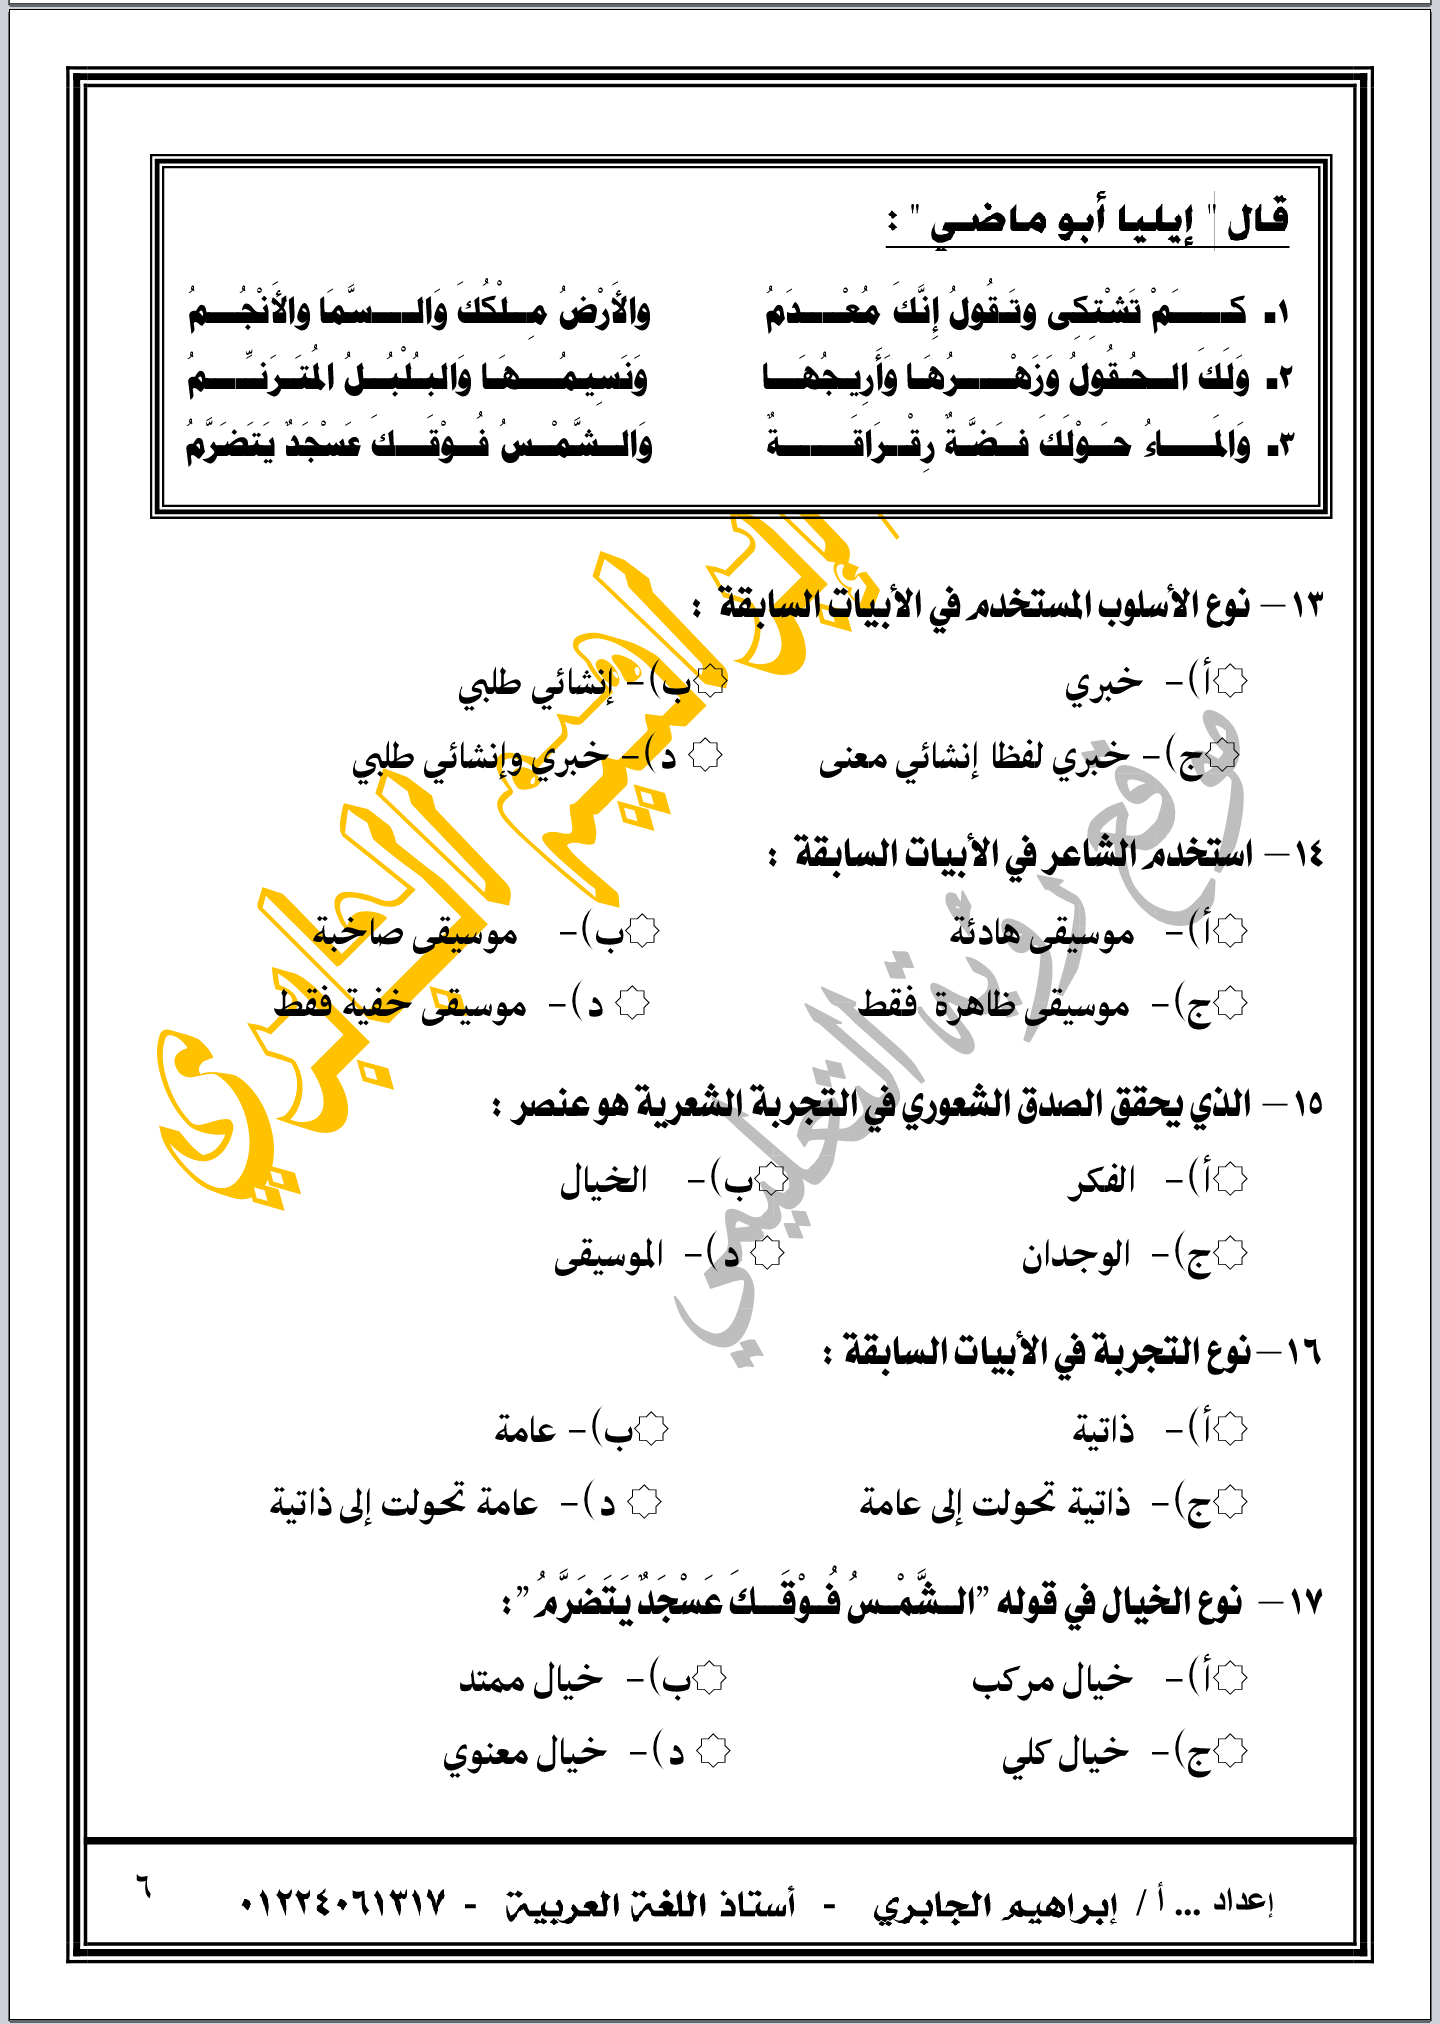 امتحان لغة عربية شامل للثانوية العامة نظام جديد 2021.. 70 سؤالا بالإجابات النموذجية Screenshot_%25D9%25A2%25D9%25A0%25D9%25A2%25D9%25A1-%25D9%25A0%25D9%25A4-%25D9%25A1%25D9%25A5-%25D9%25A0%25D9%25A1-%25D9%25A4%25D9%25A1-%25D9%25A1%25D9%25A5-1